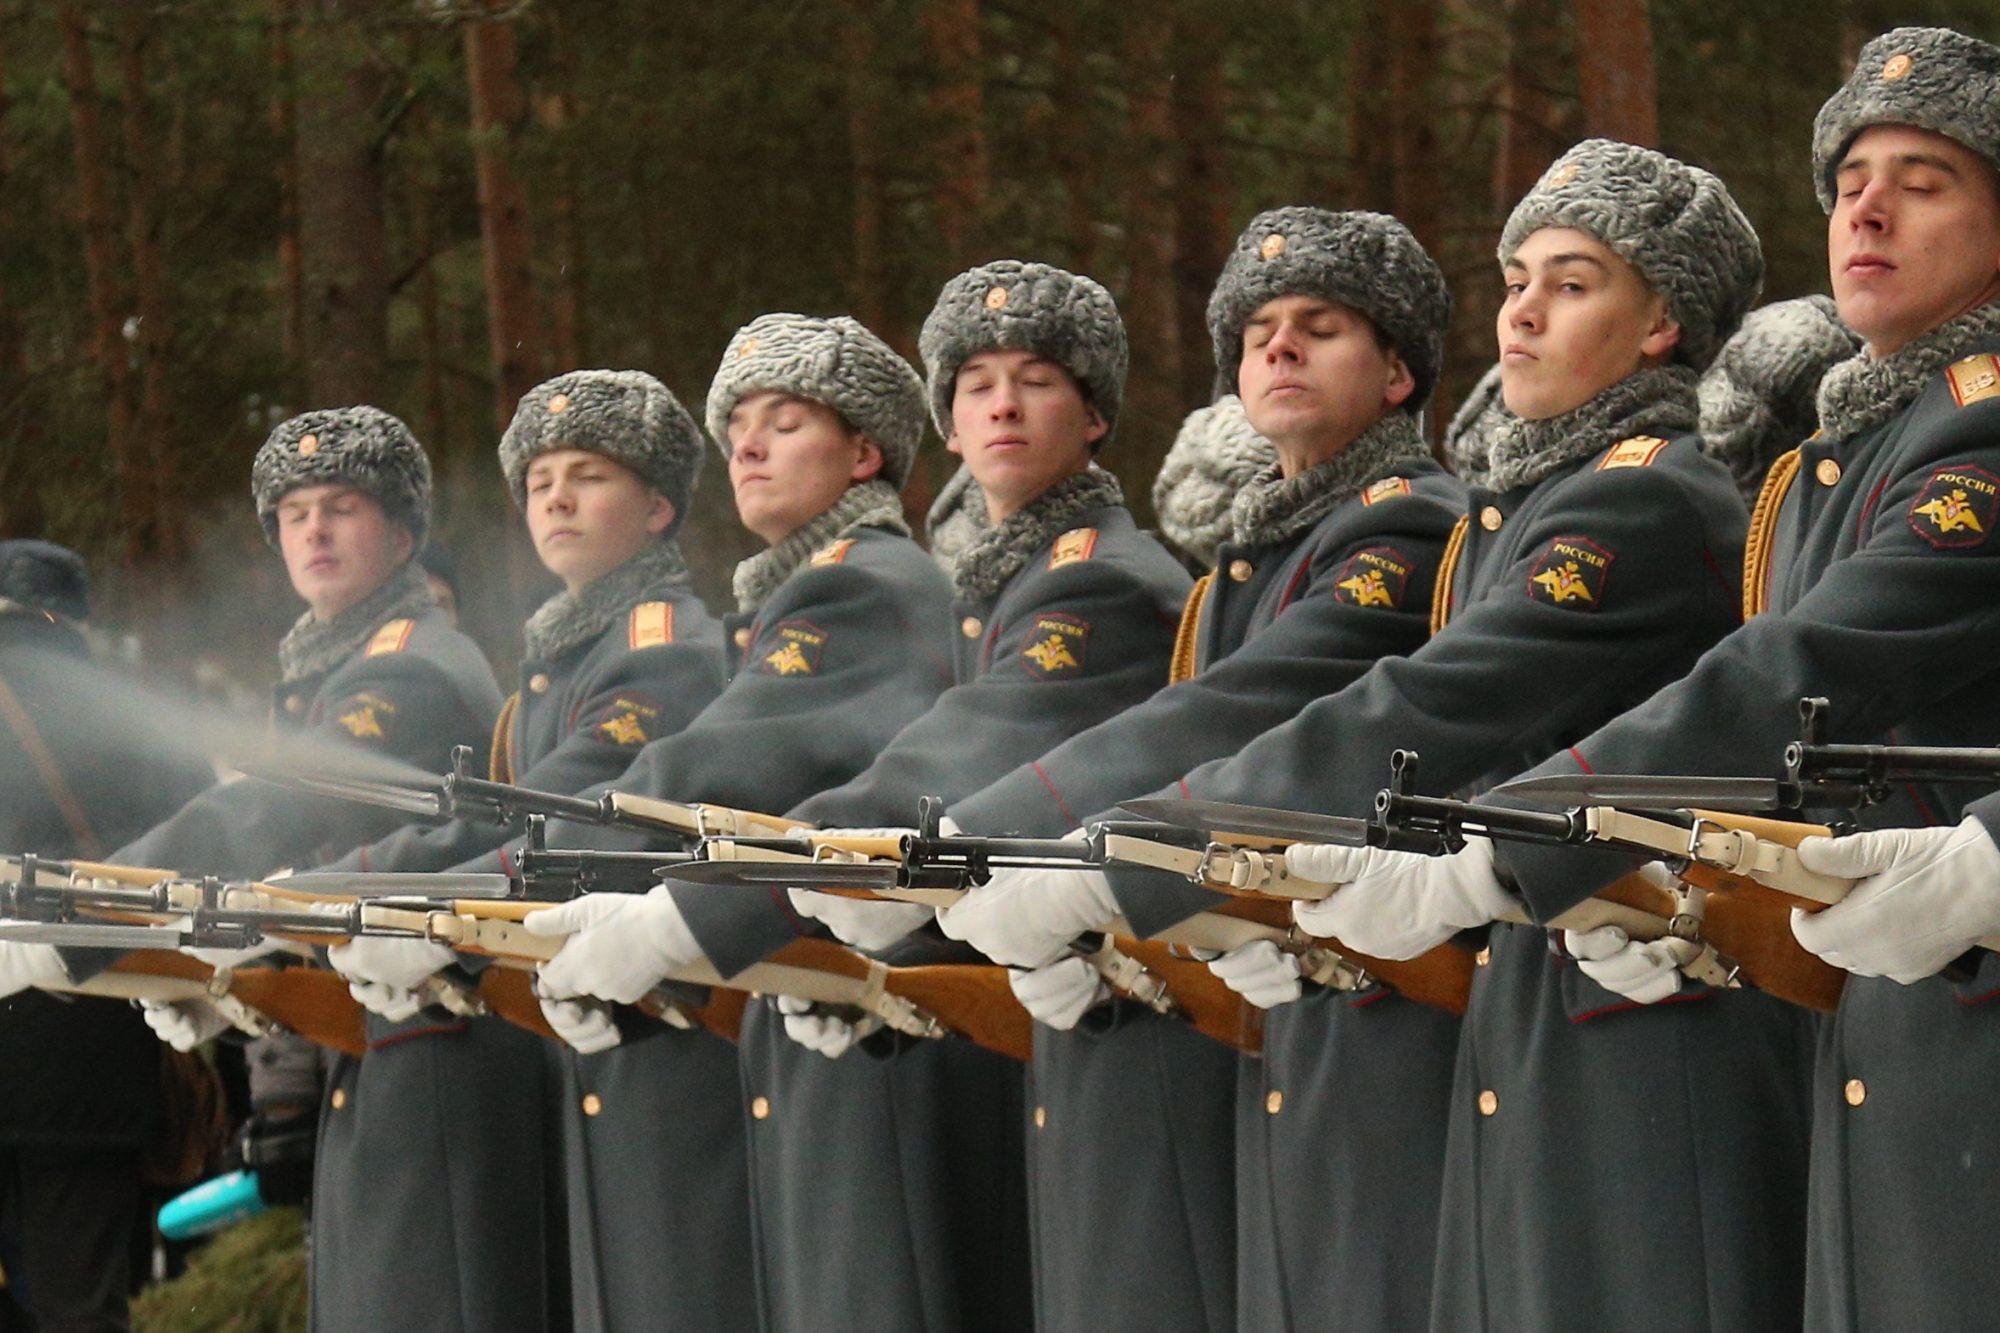 воинские захоронения останки солдат бойцов вов великой отечественной войны церемония траурная сестрорецк кадеты военные военнослужащие конвой  почетный караул